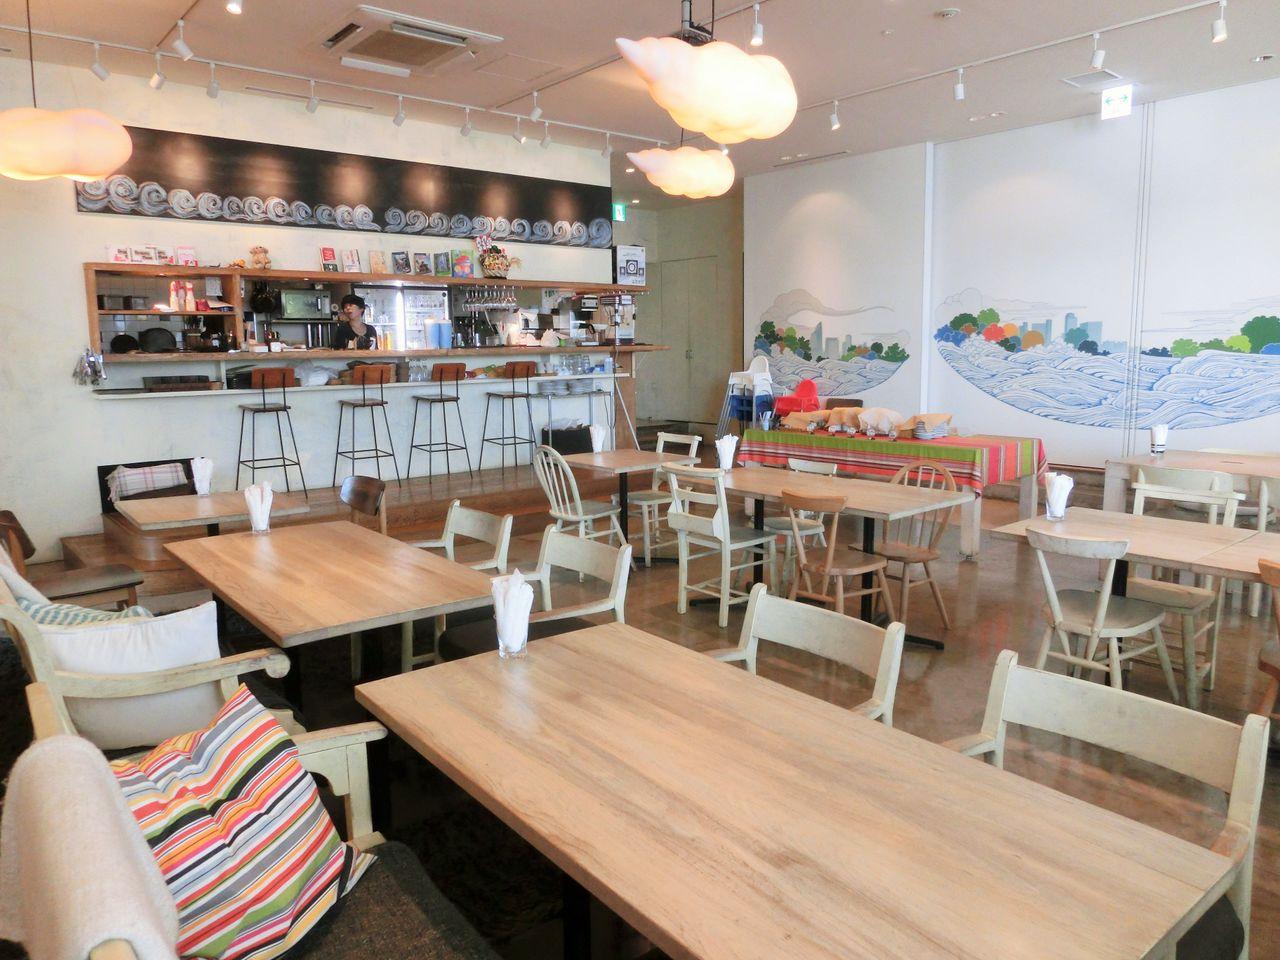 【勝どき】潮風薫る心地よい空間!ママにうれしい設備が充実「ブルーバードカフェ」